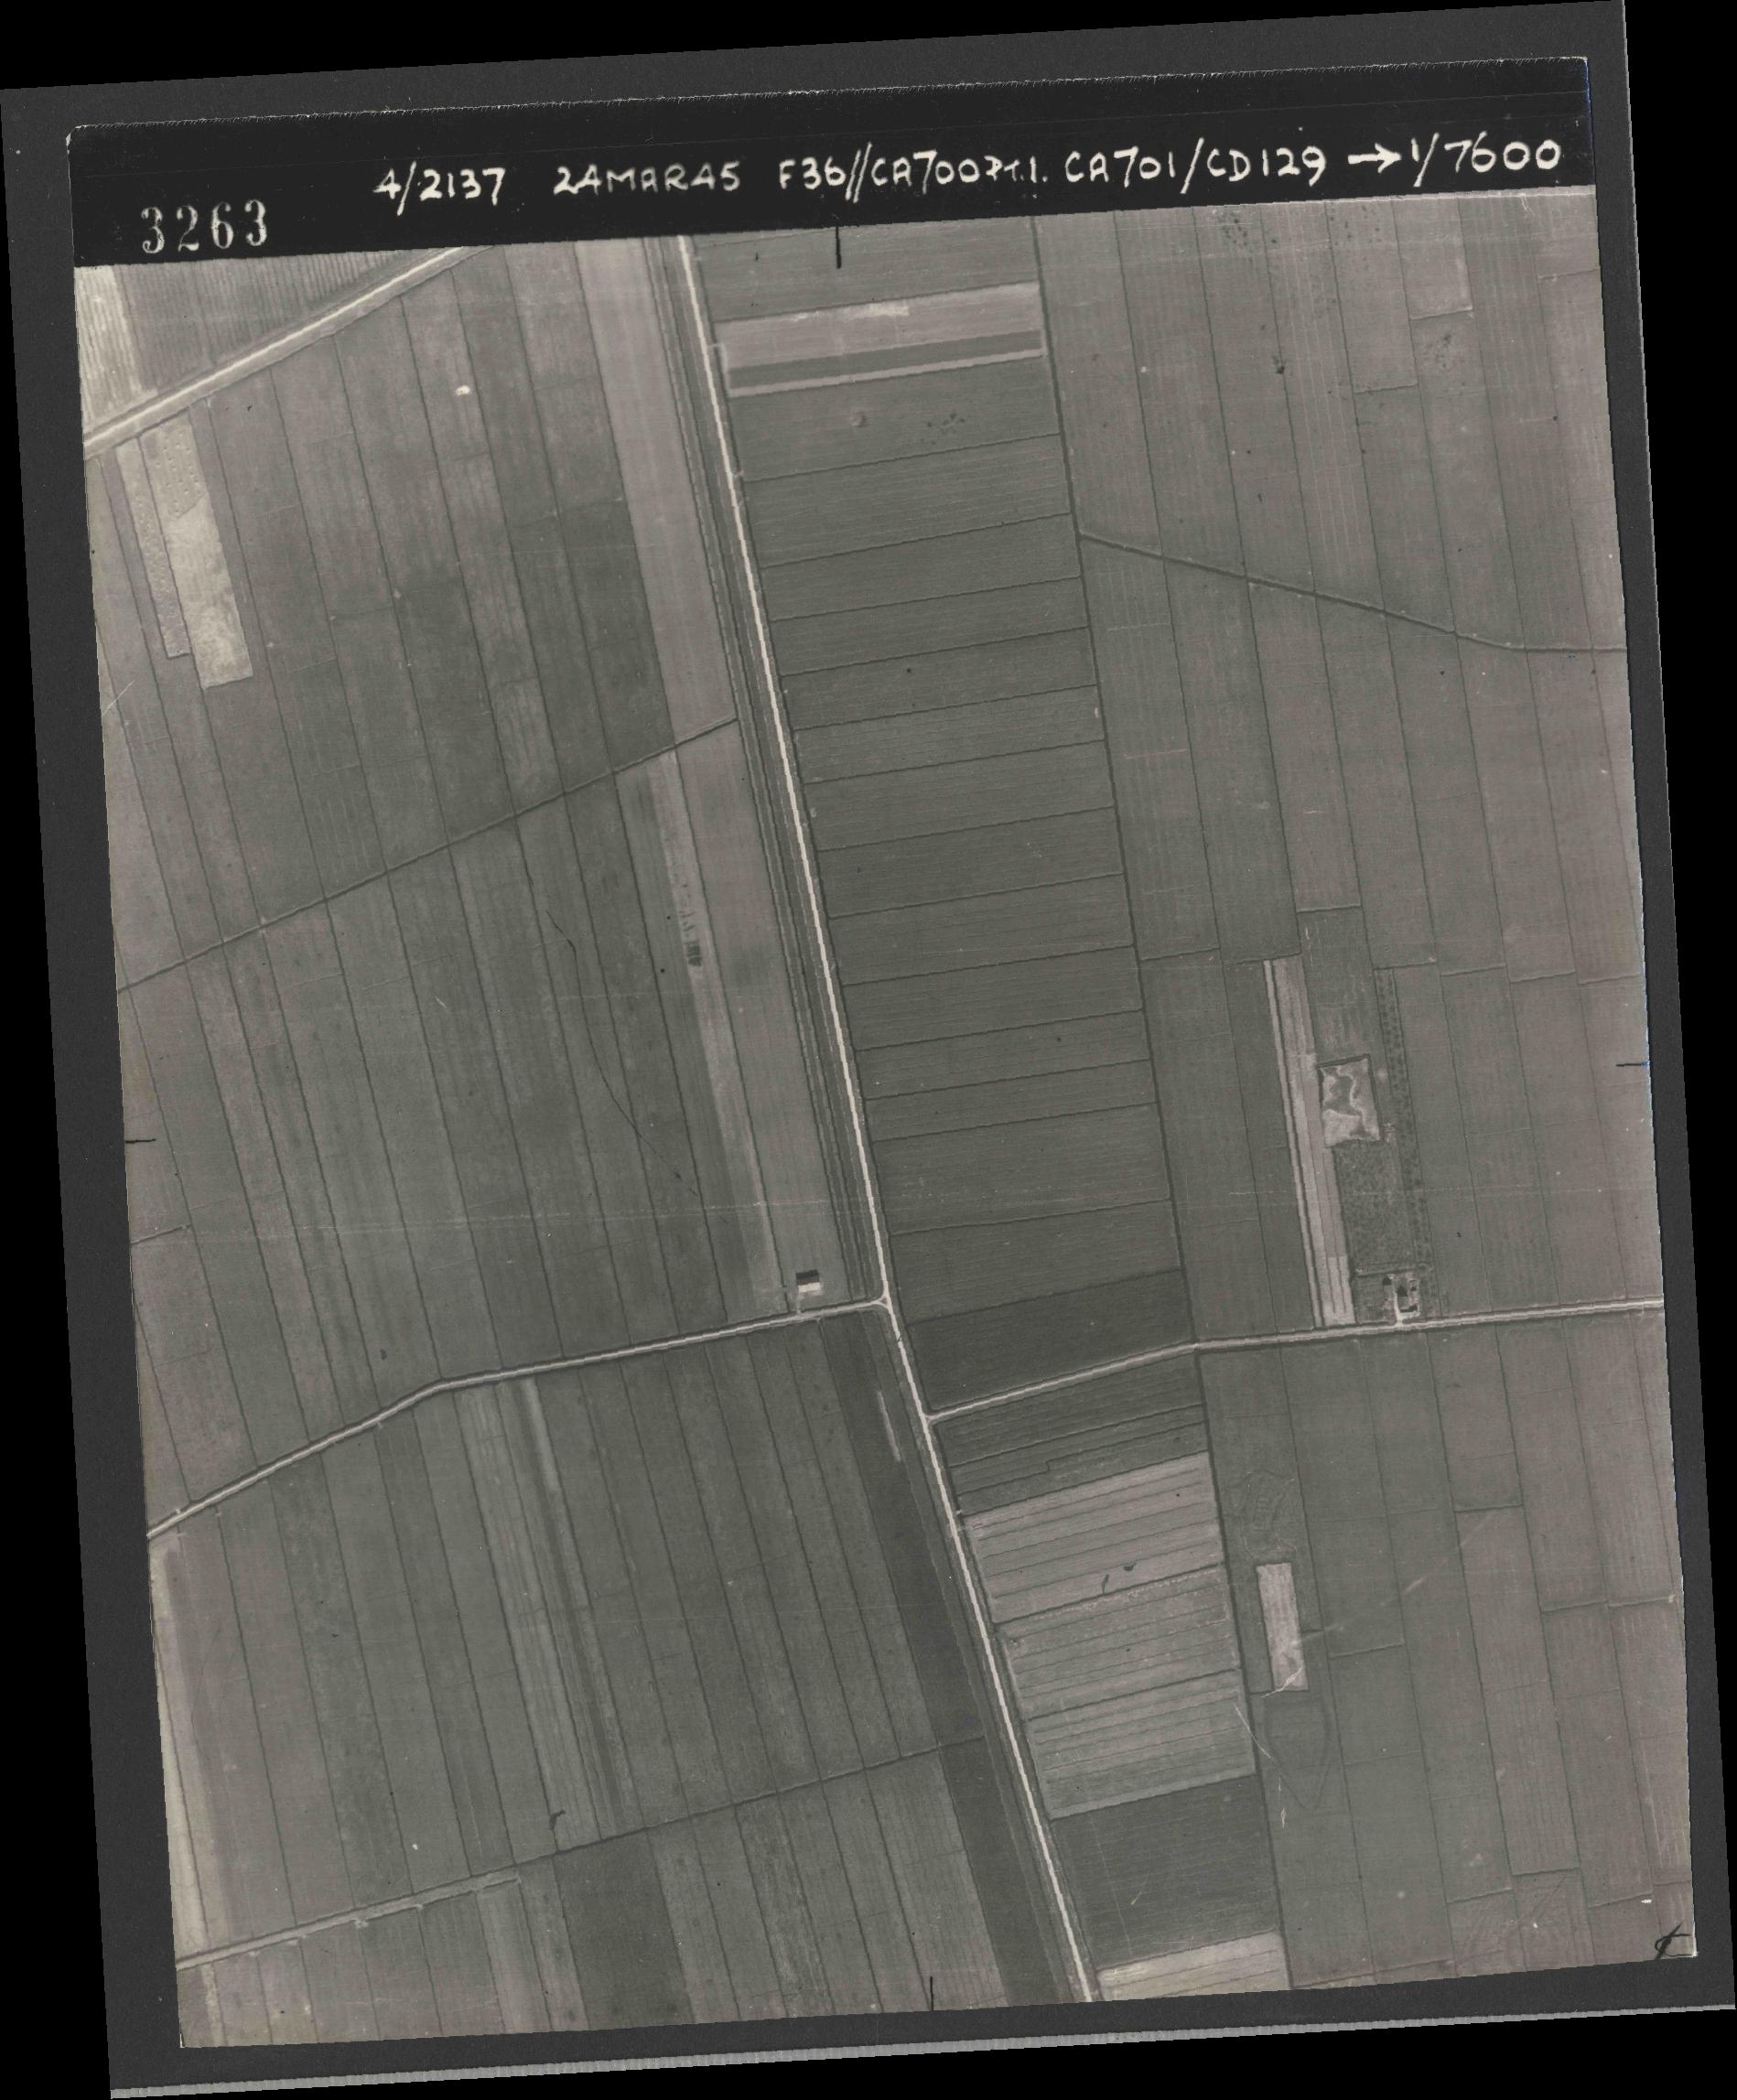 Collection RAF aerial photos 1940-1945 - flight 054, run 09, photo 3263